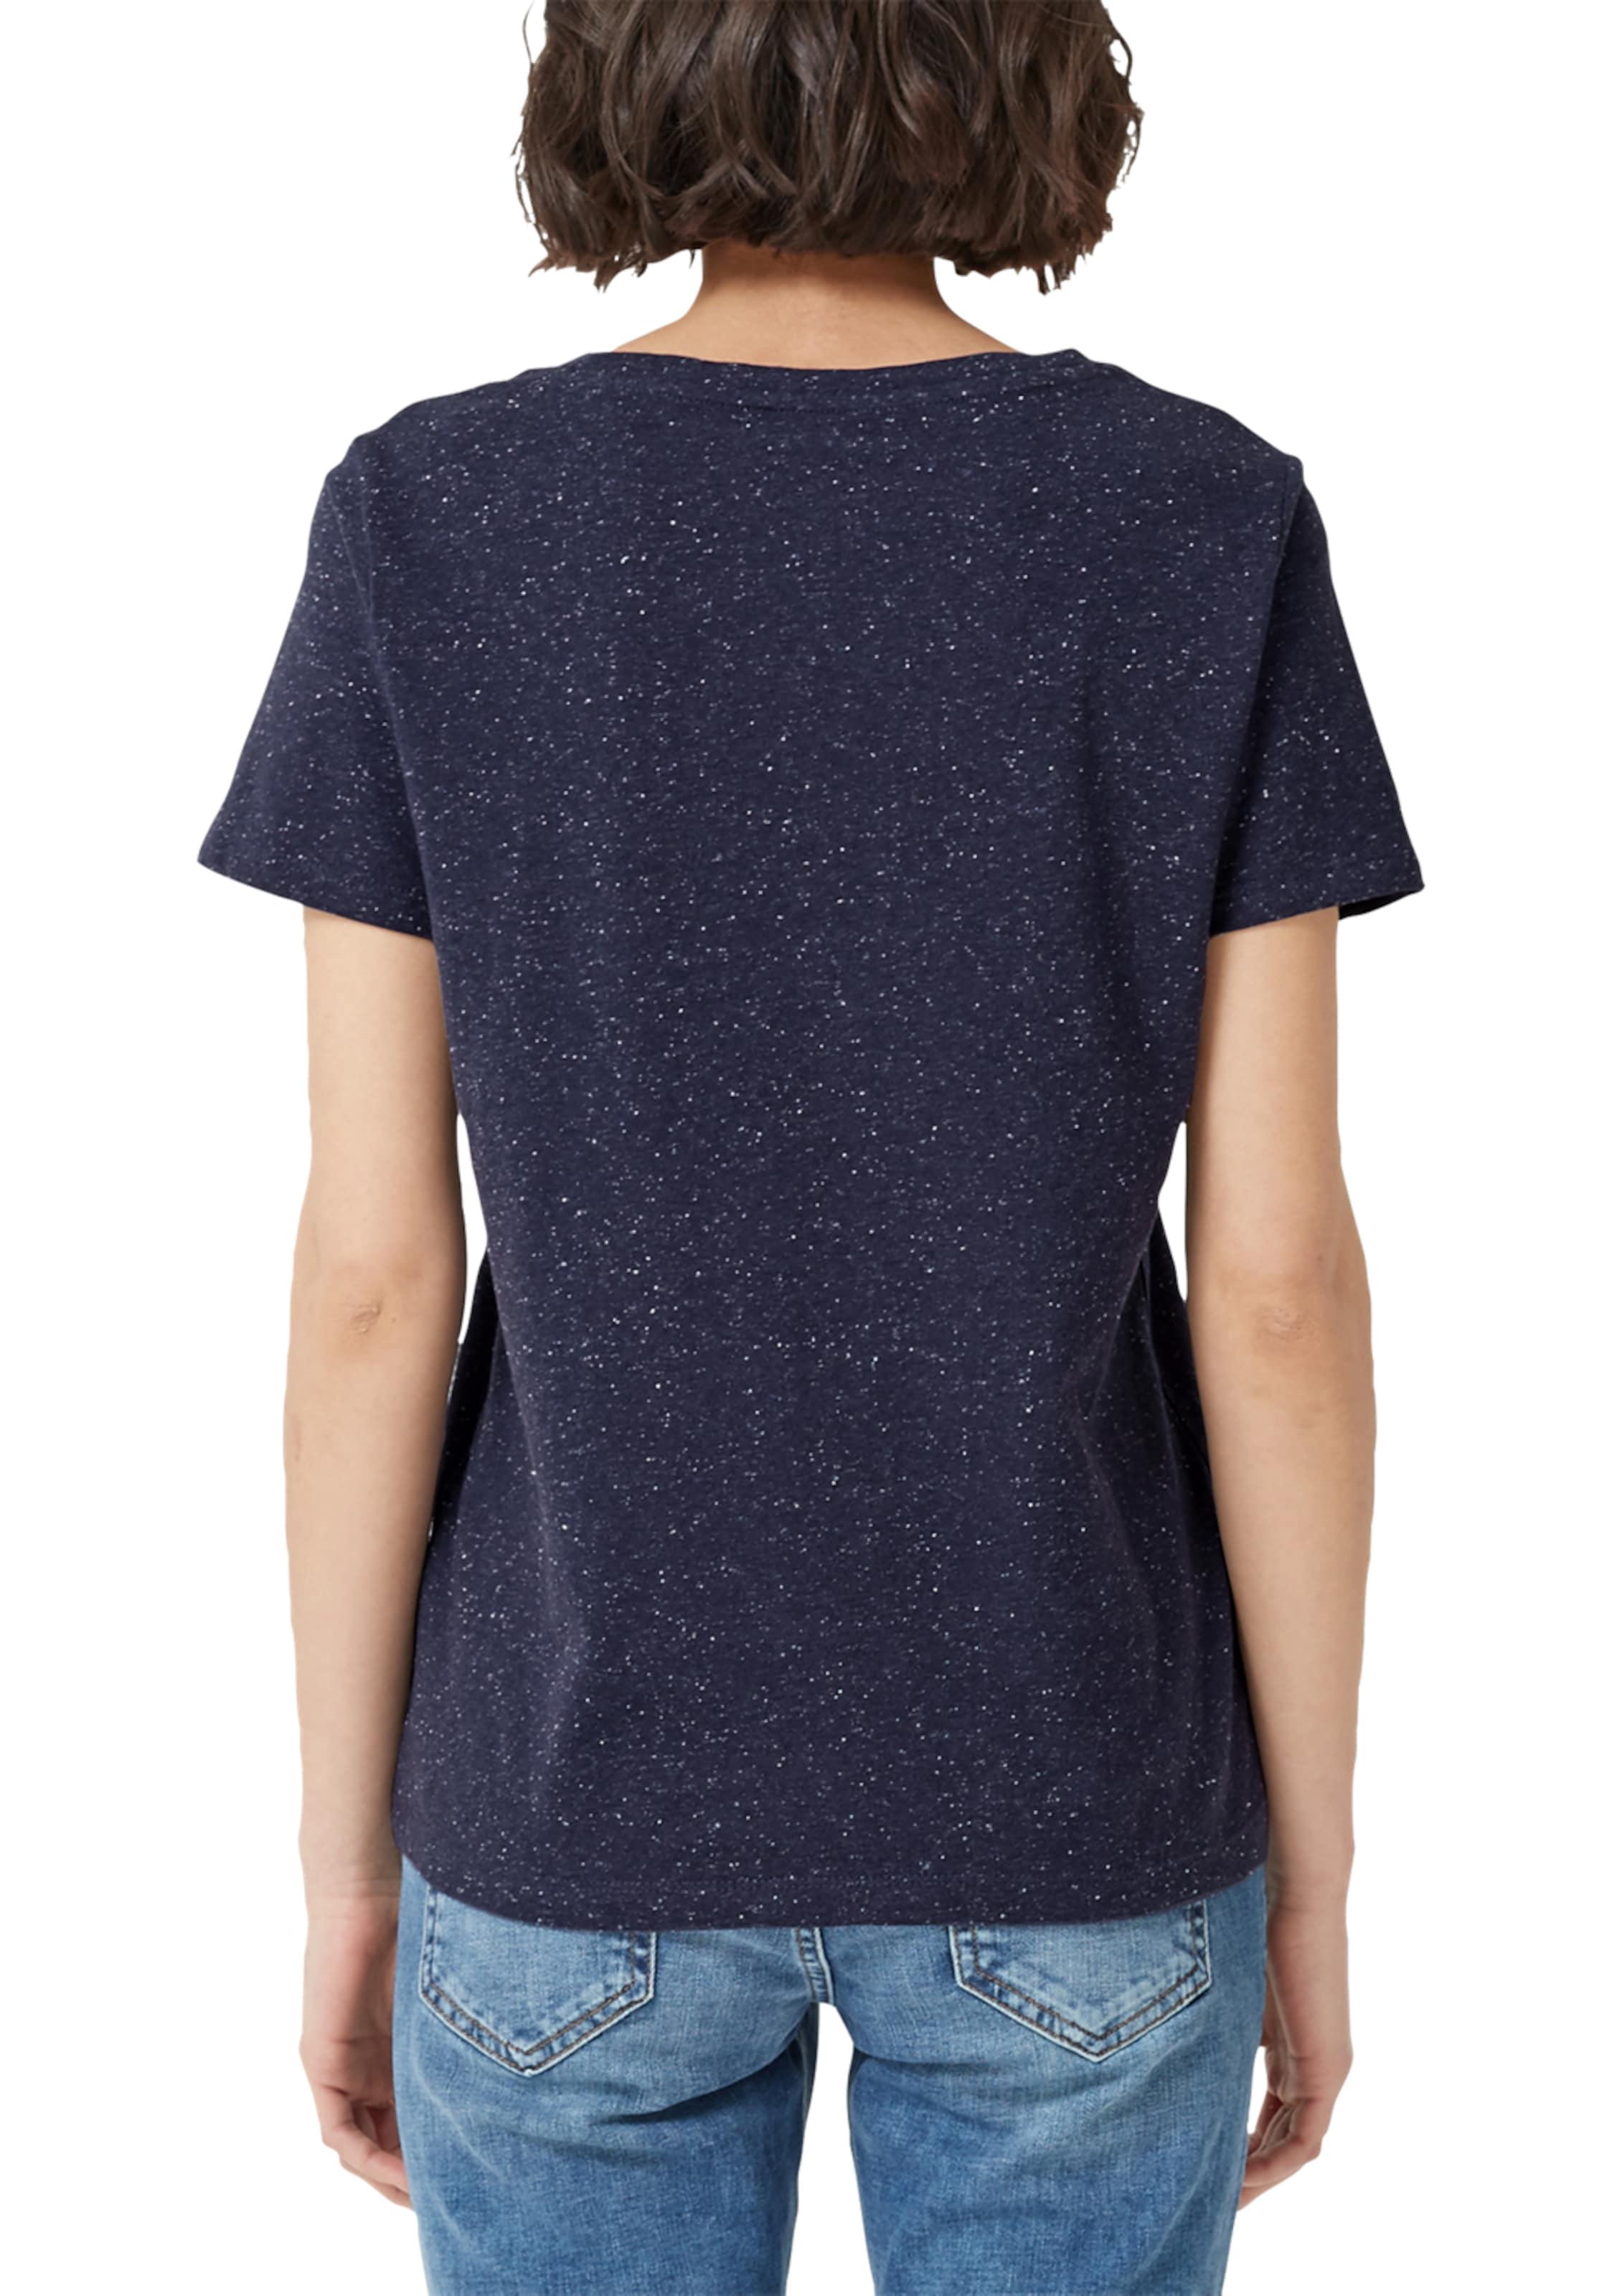 oliver shirt Red S T Nachtblau In Label vOmNnw80